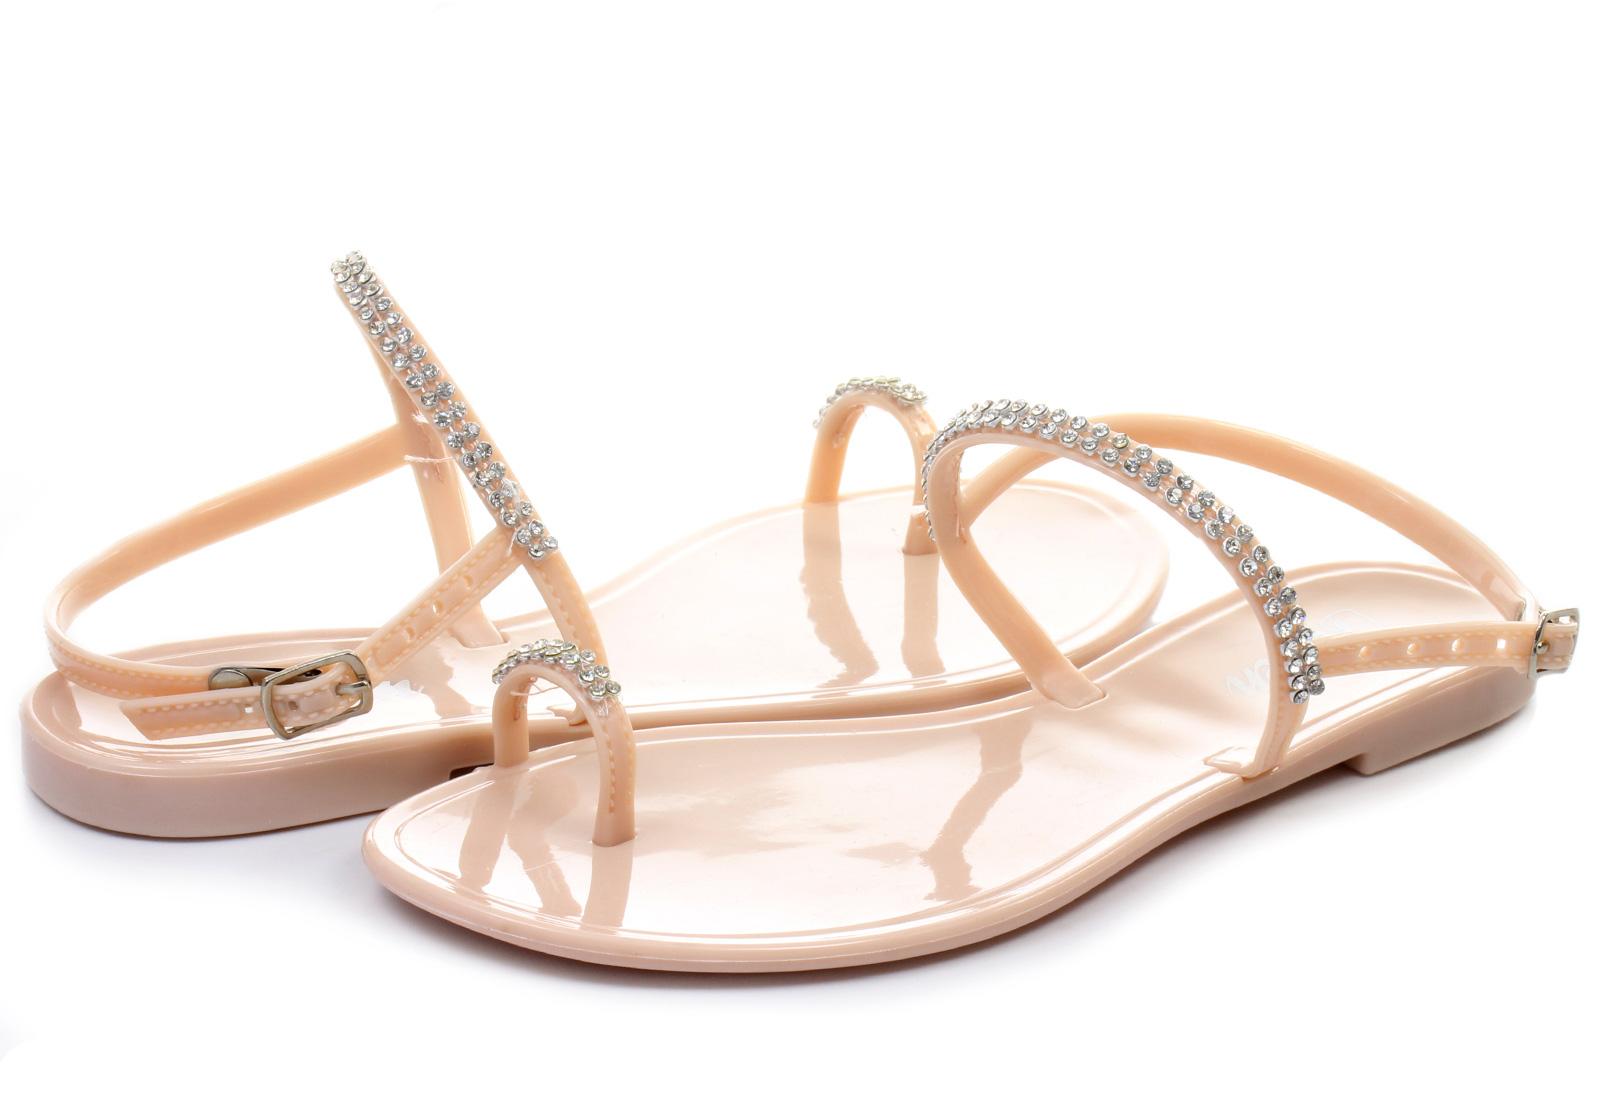 UGG australie edmonton tall lacer bottes en cuir